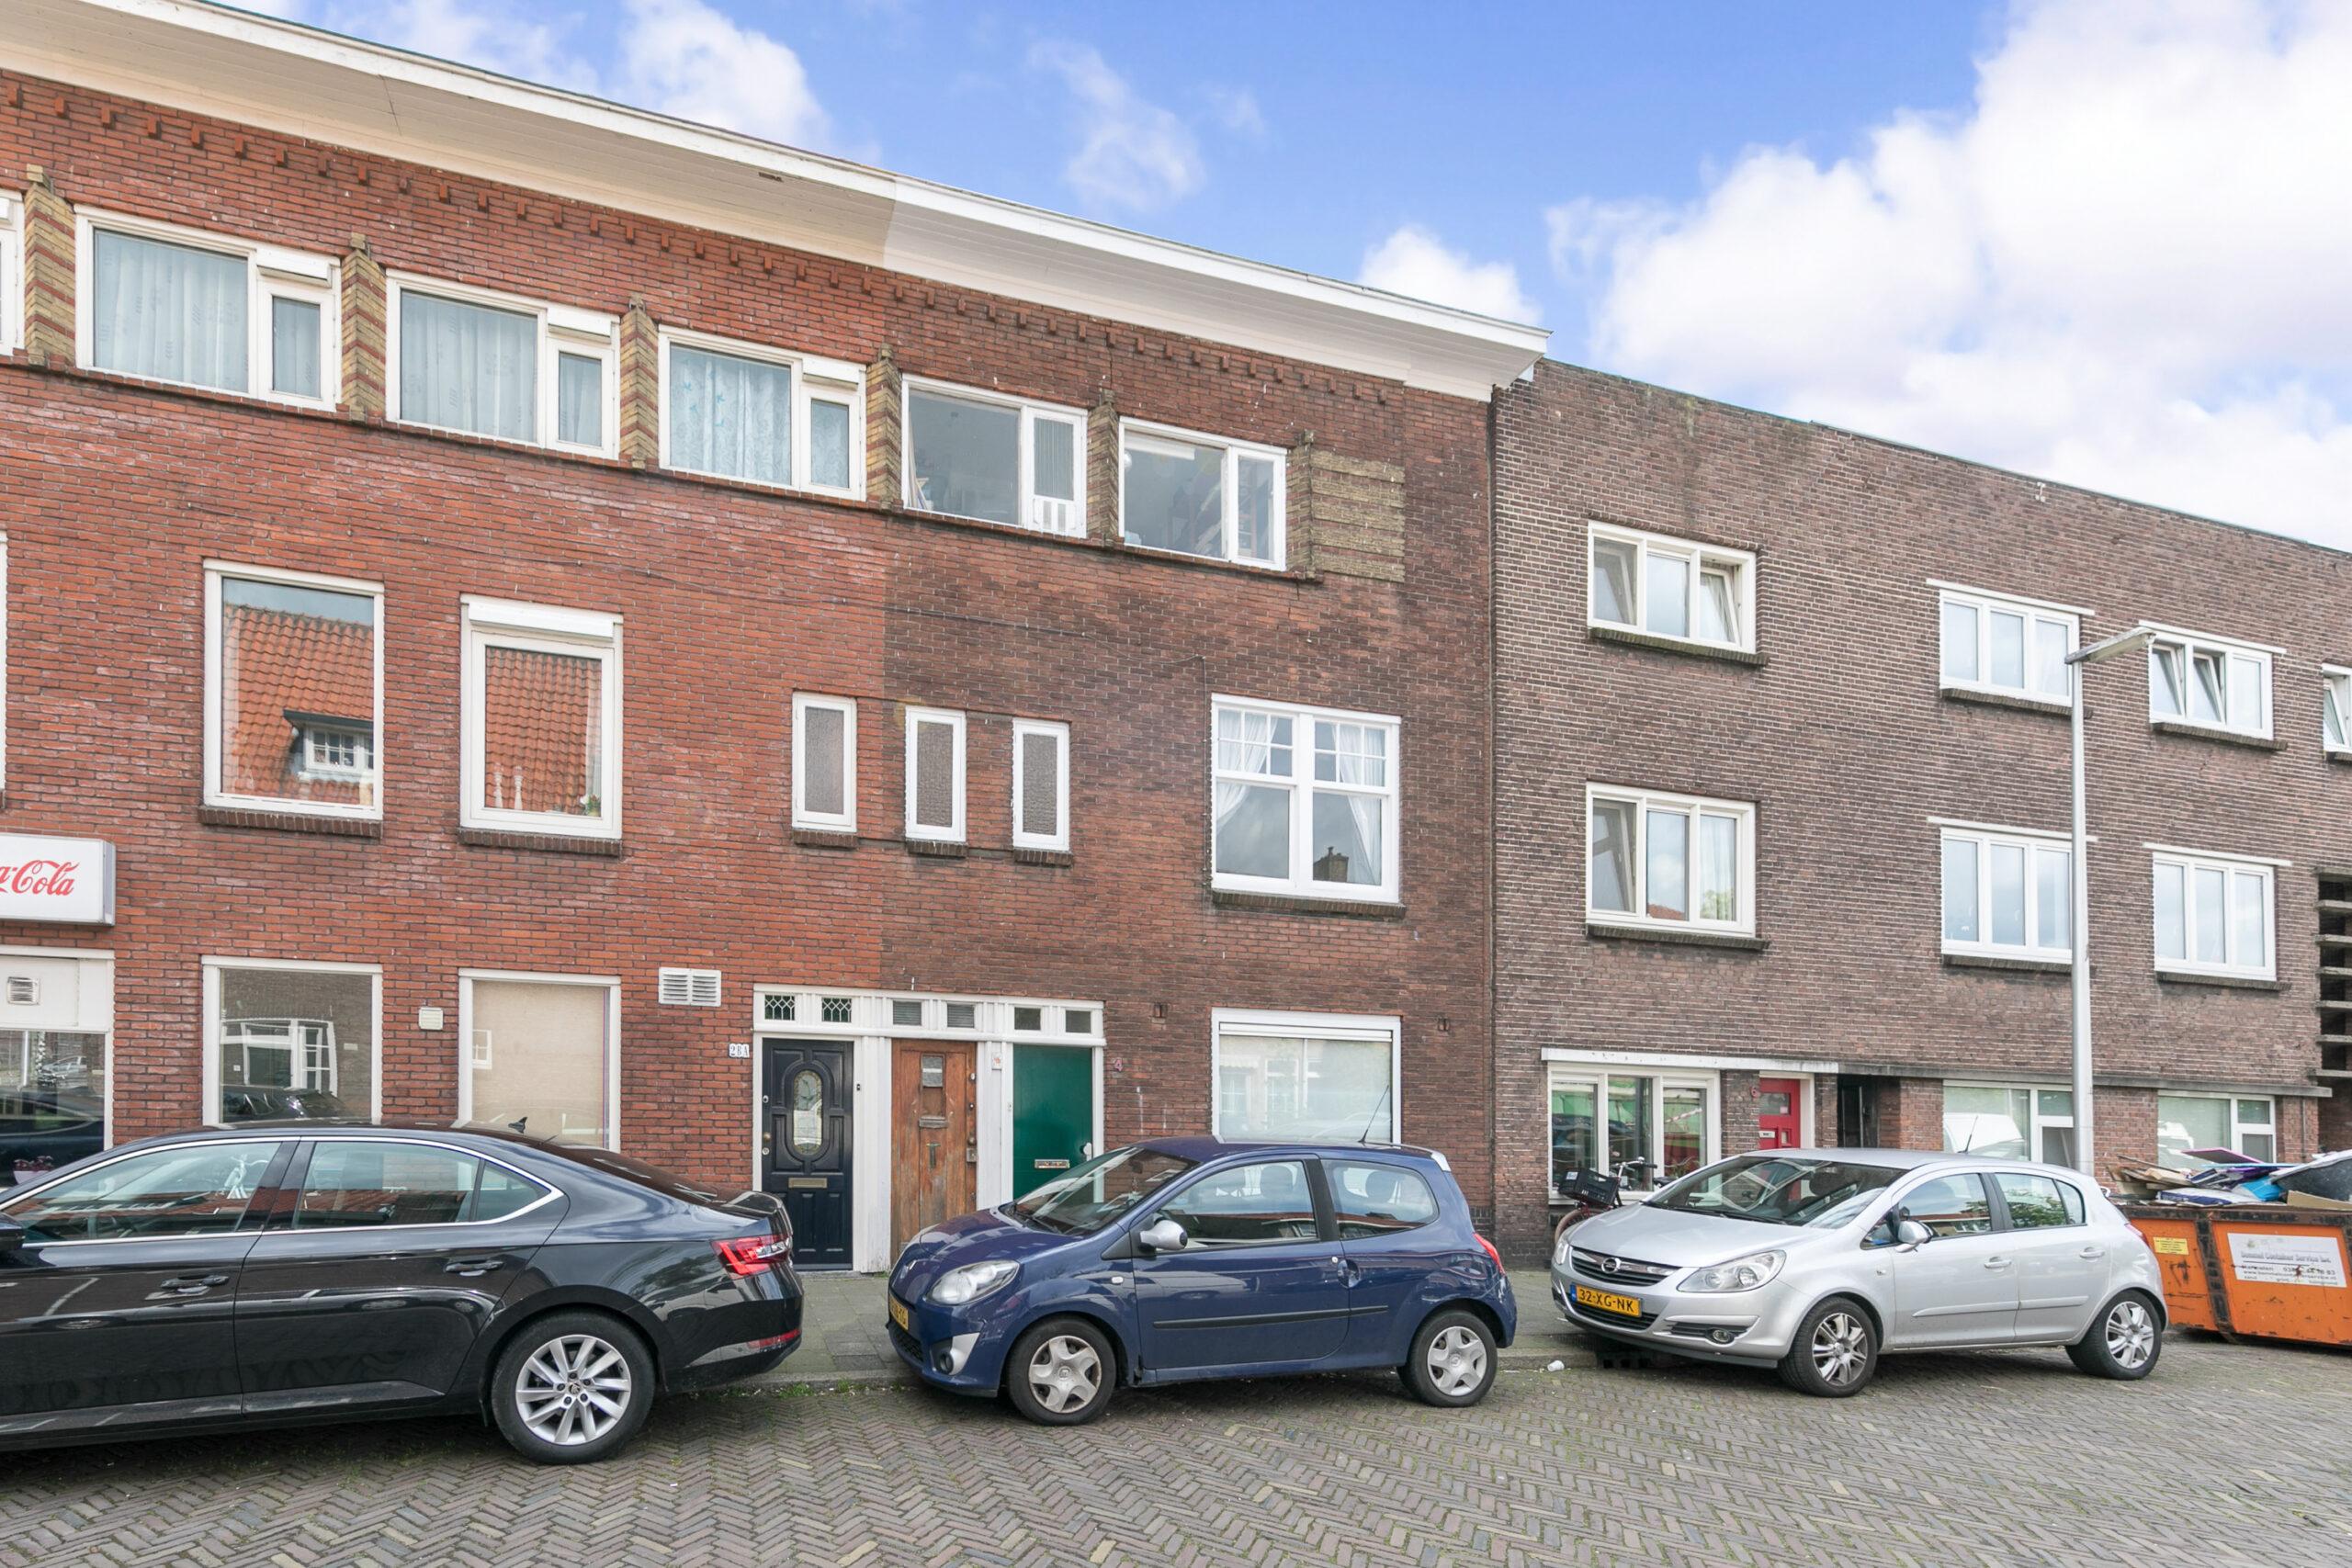 Madioenstraat 4 bis, 3532 SK Utrecht